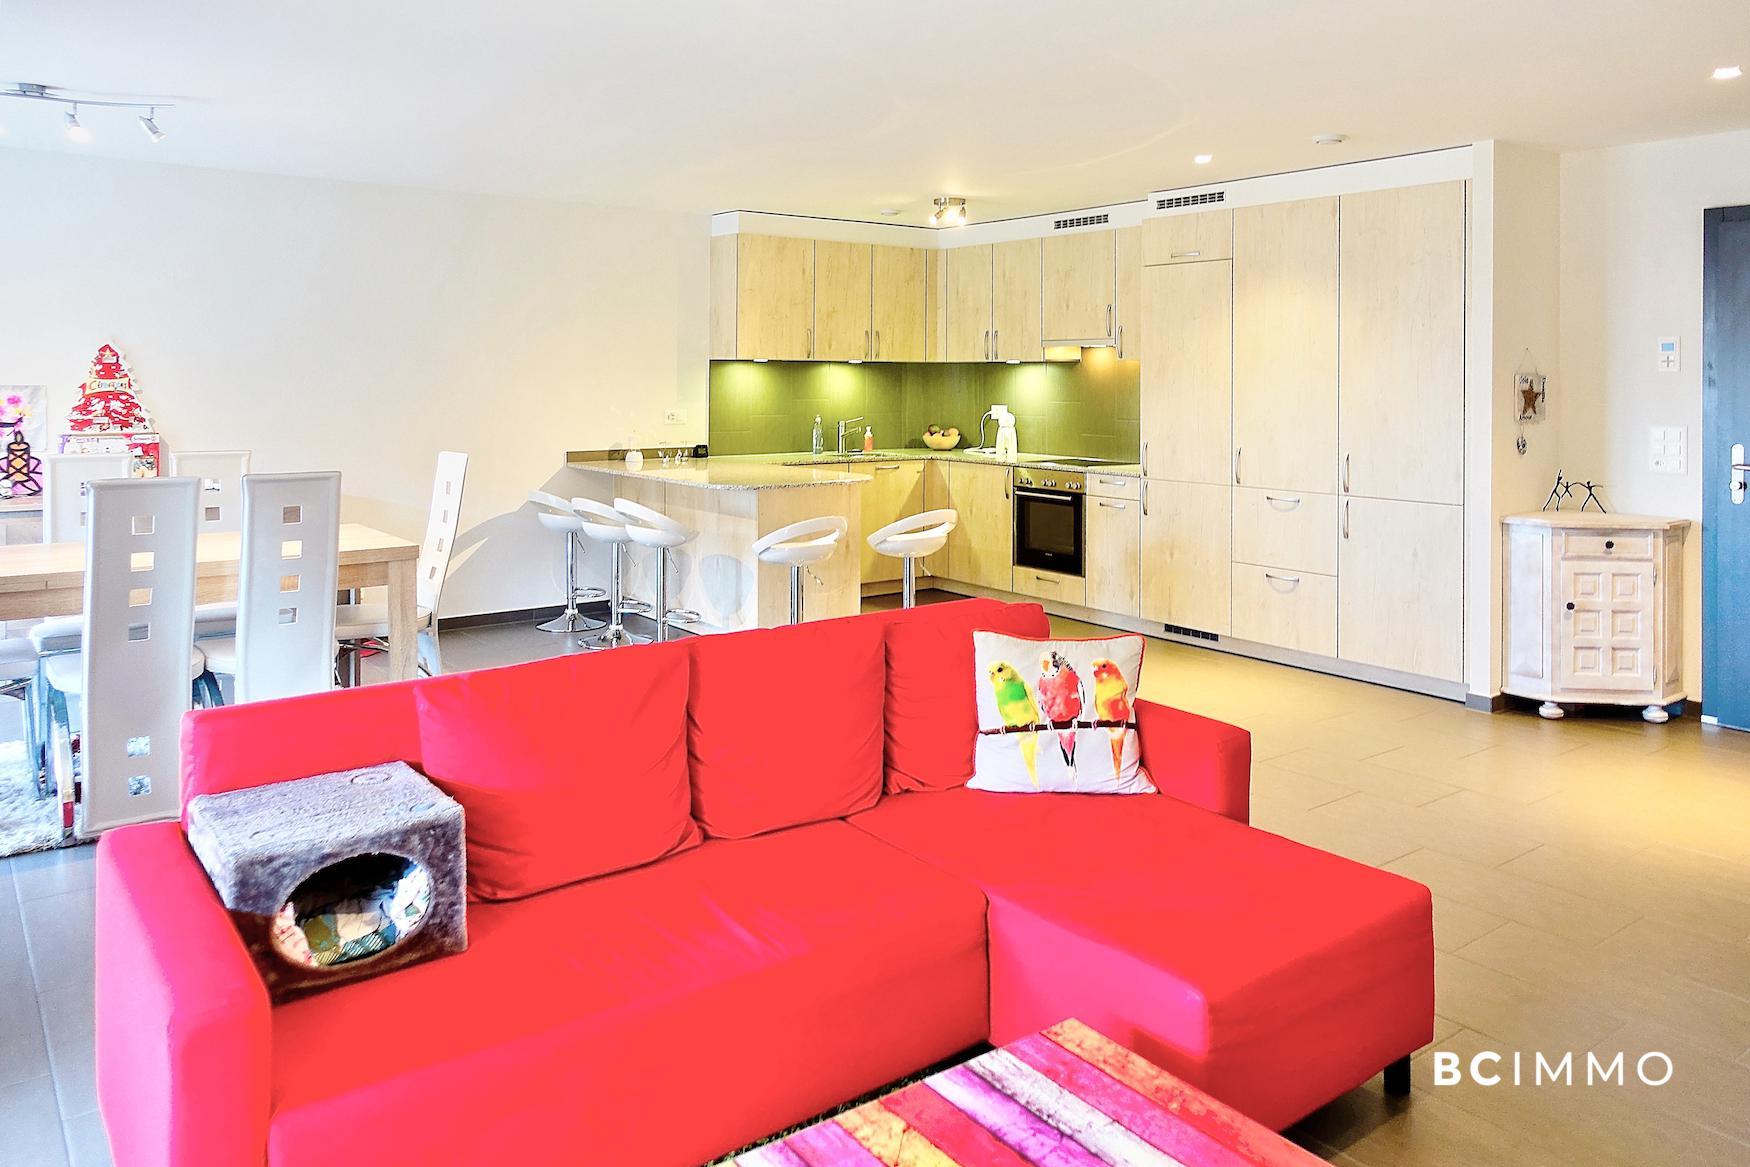 BC Immo - Bel appartement récent à proximité d'Echallens  - 1041KG27